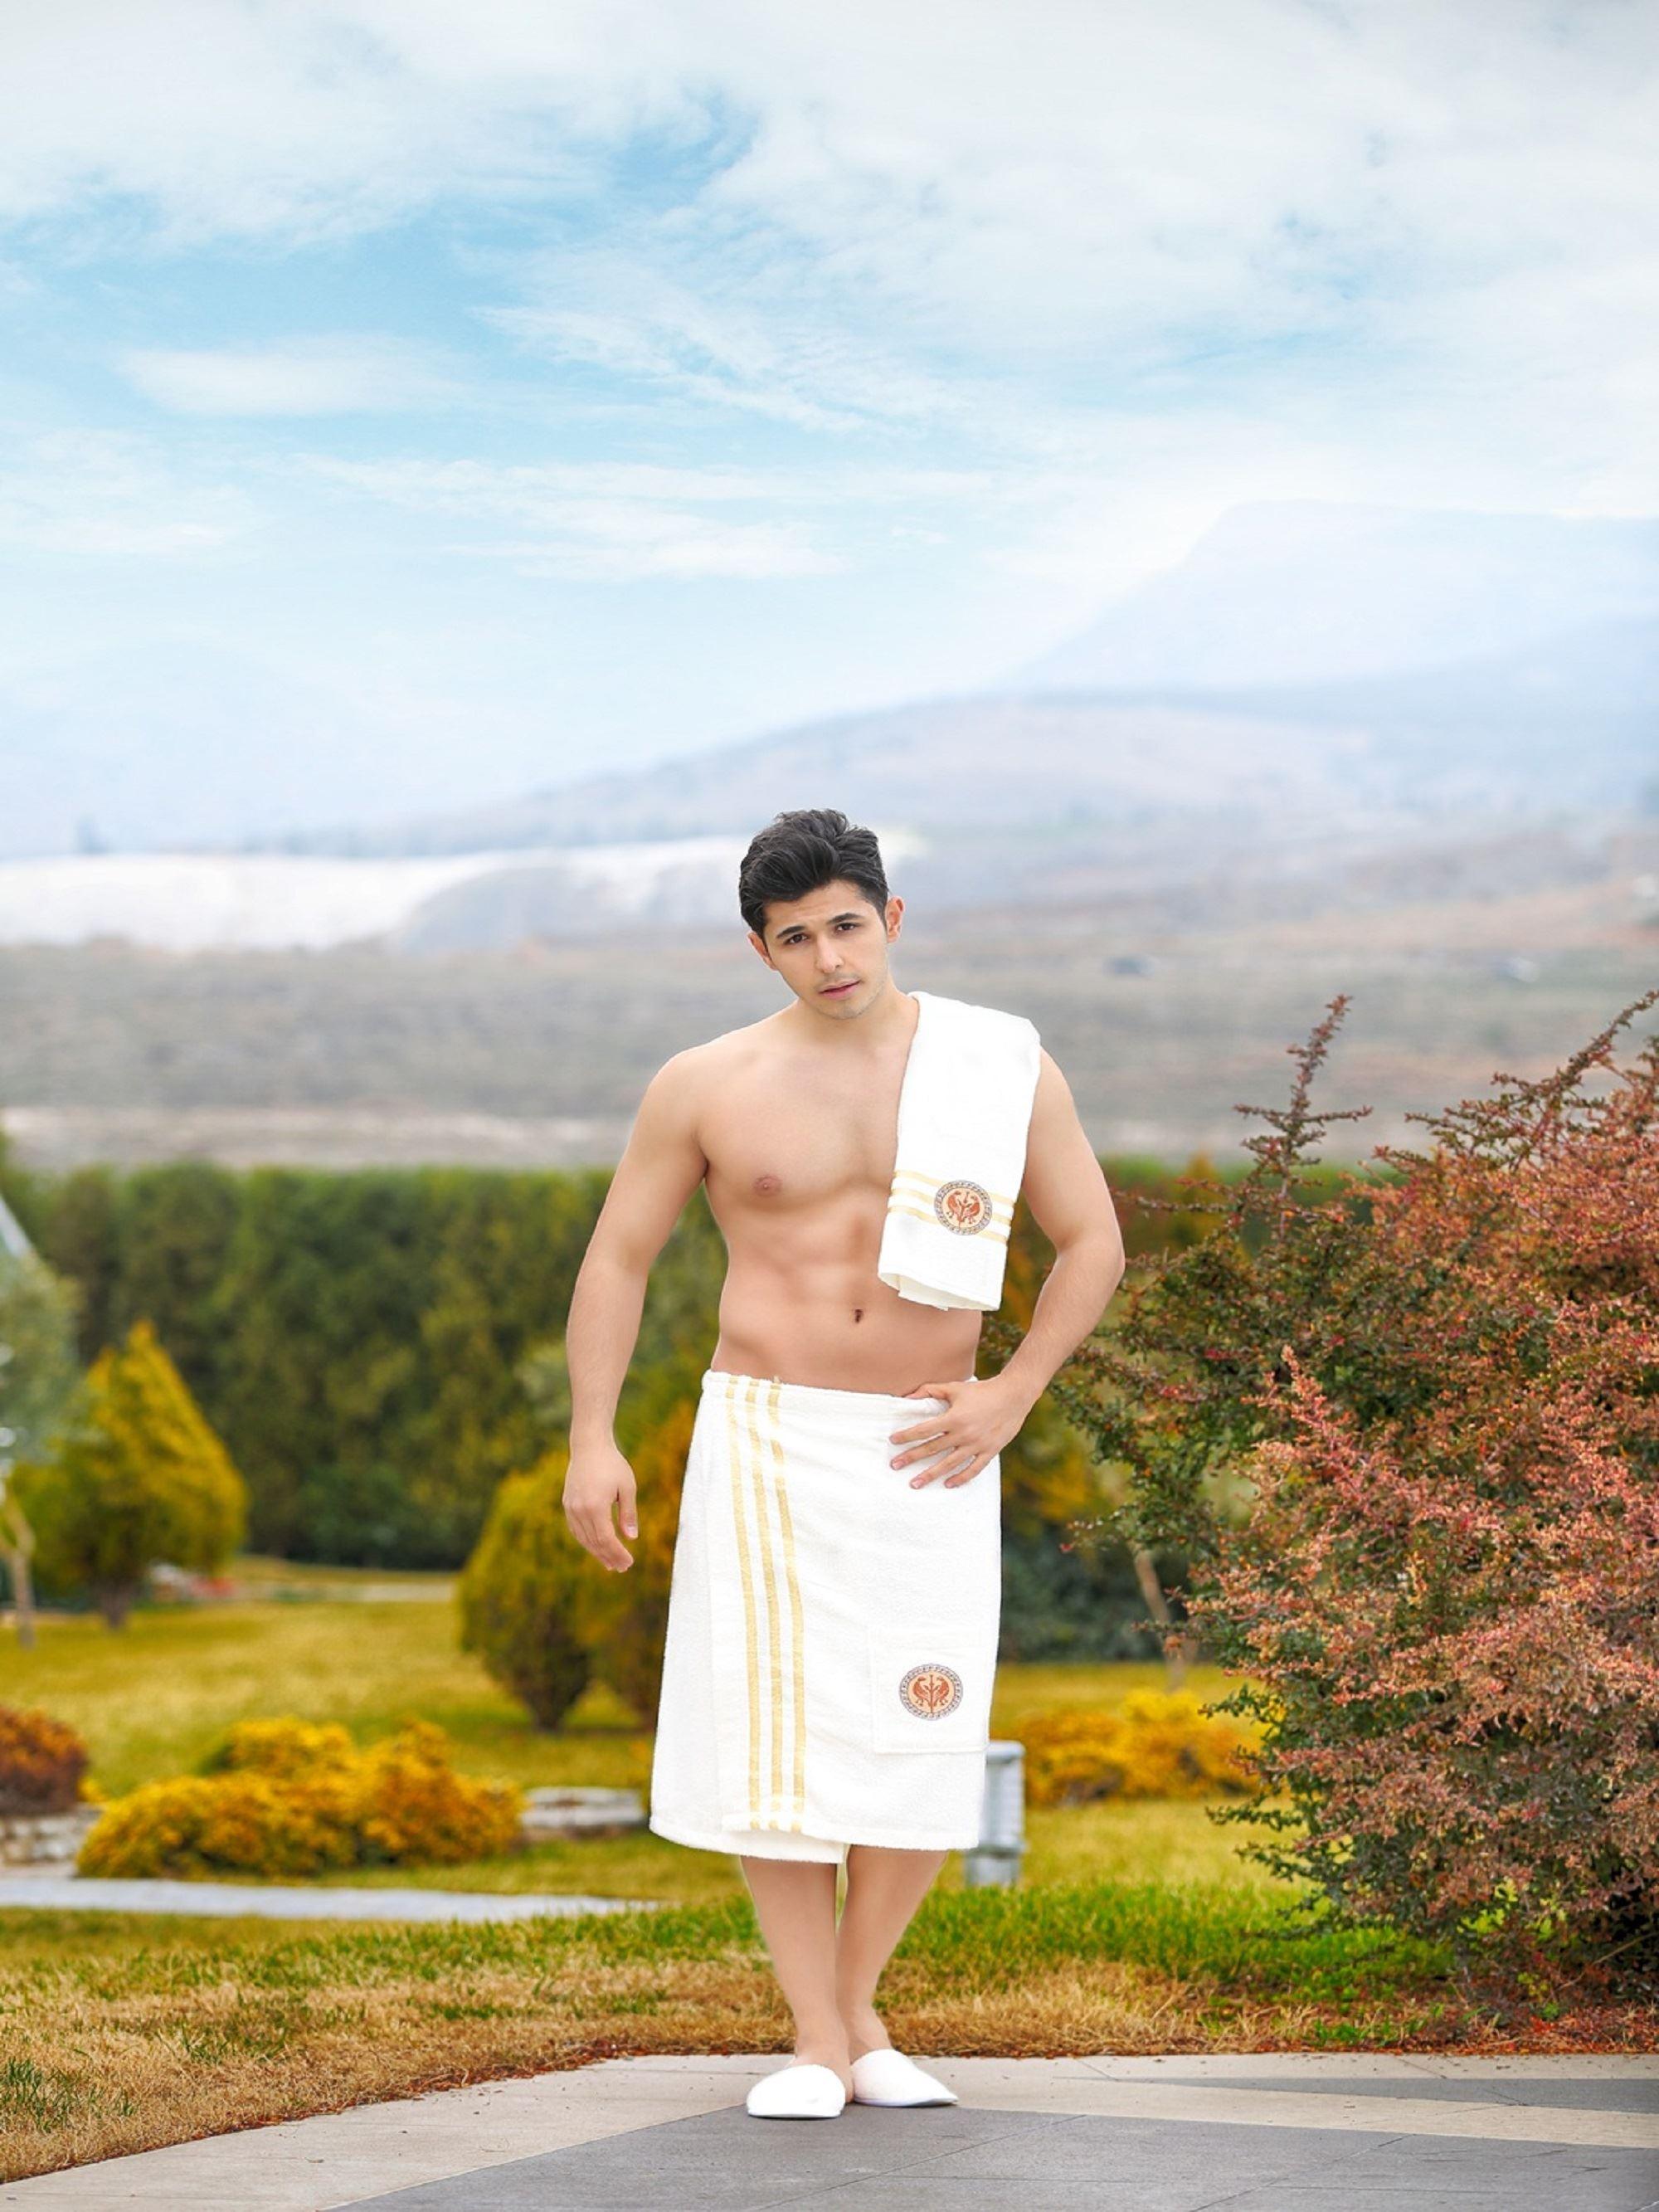 Сауны, бани и оборудование Philippus Набор для сауны Bruno Цвет: Кремовый сауны бани и оборудование valentini набор для сауны fantasy цвет оранжевый